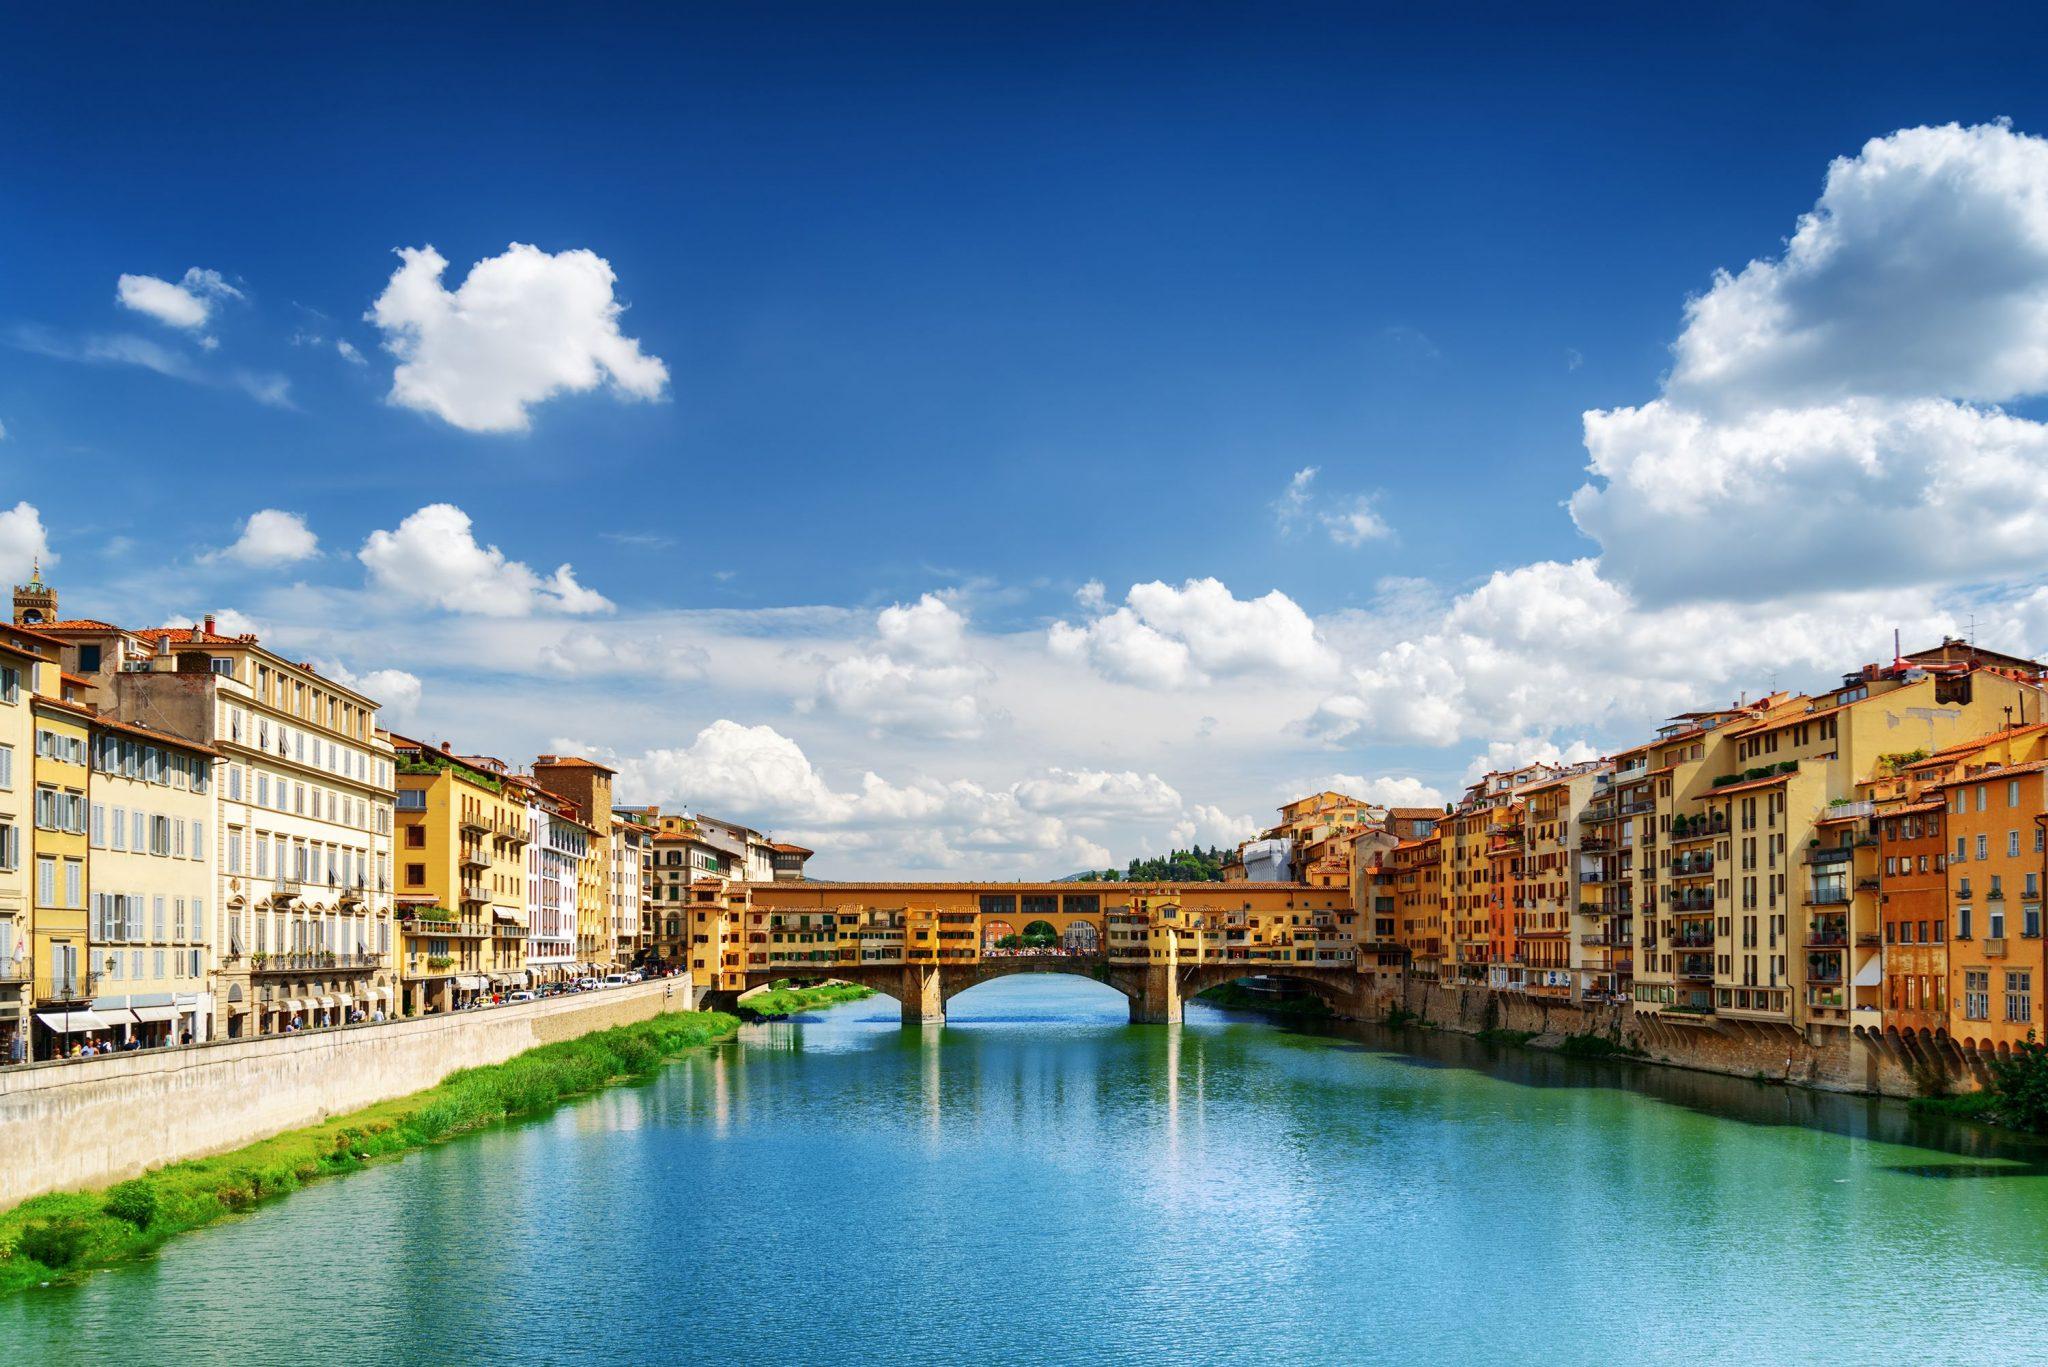 Γέφυρα Πόντε Βέκιο, Φλωρεντία, Ιταλία, Ευρώπη